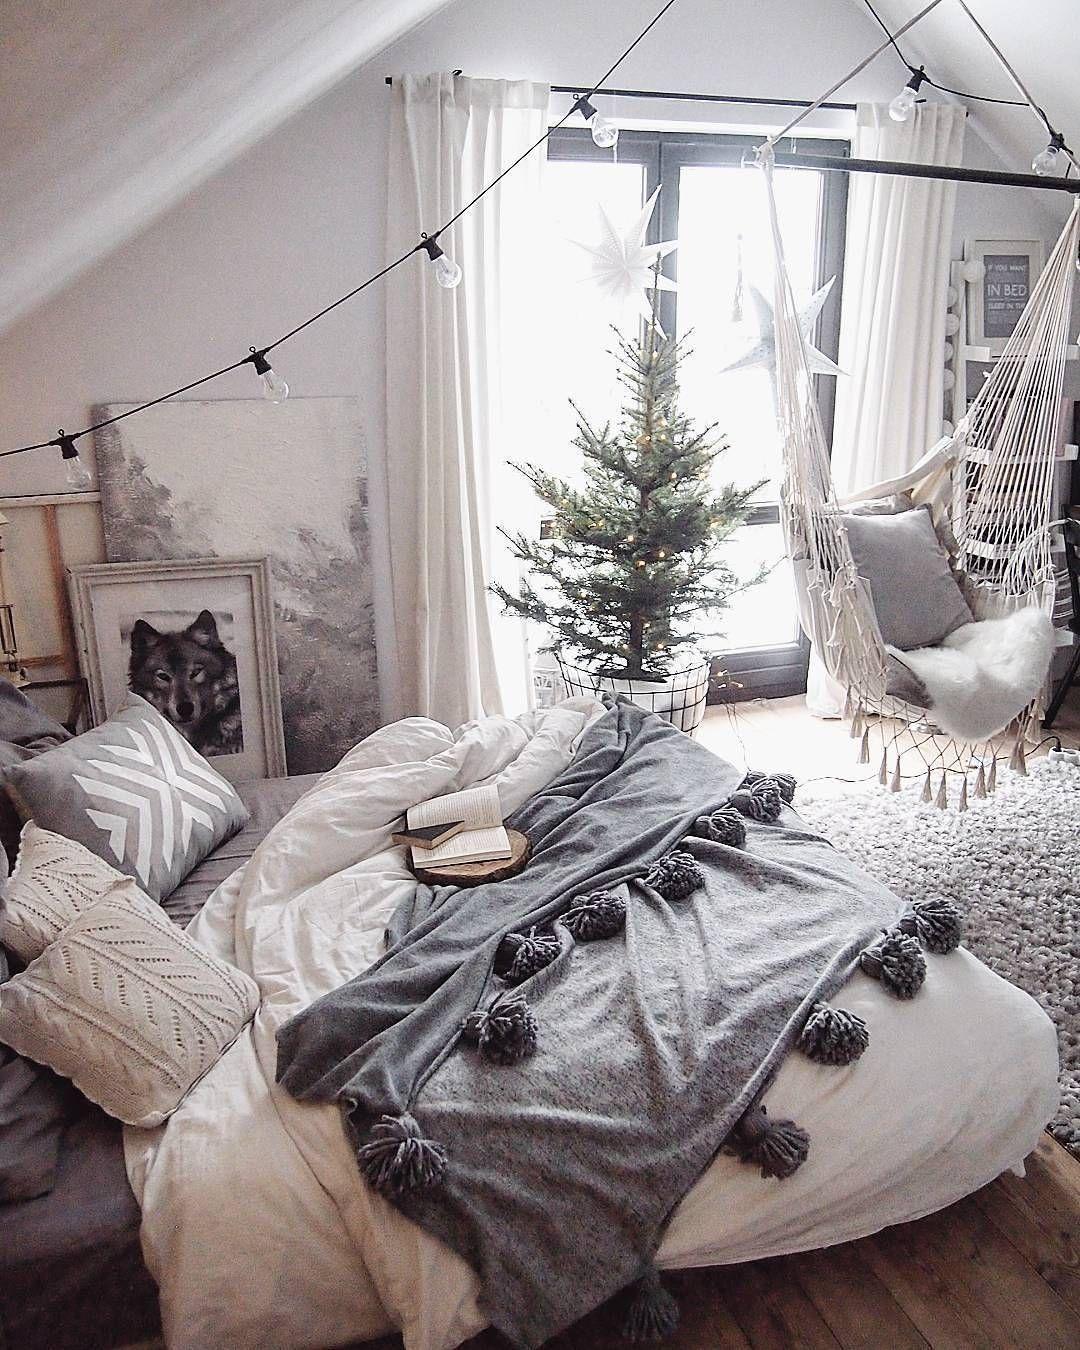 21 Cosy Winter Bedroom Ideas: Winter Bedroom, Cozy Room, Room Decor